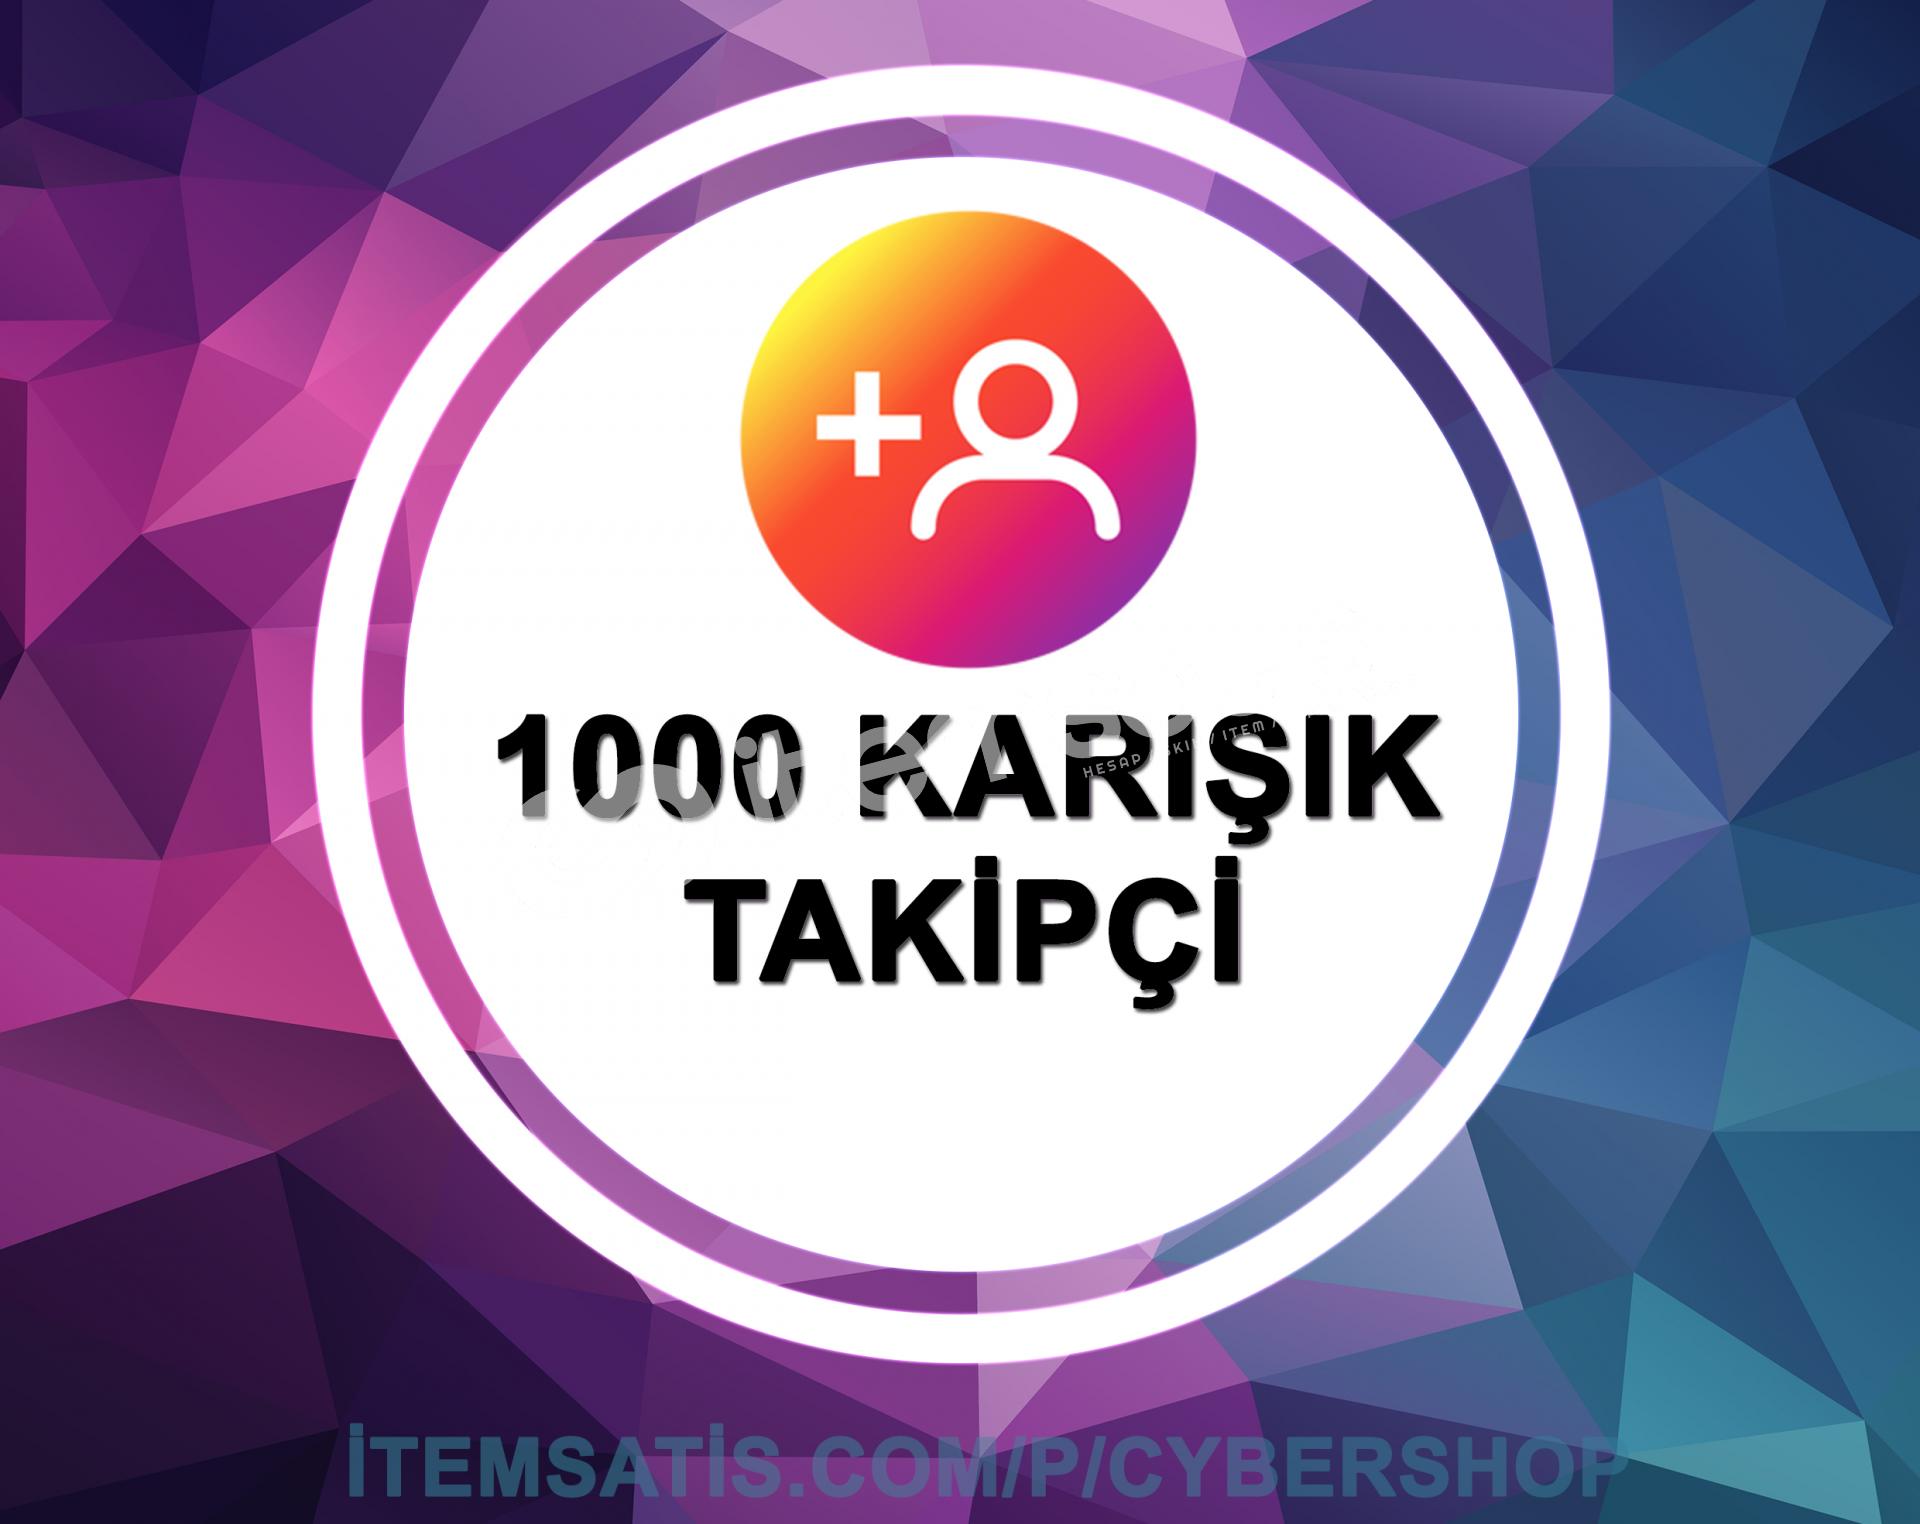 1.000 İnstagram [GERÇEK KARIŞIK] Takipçi